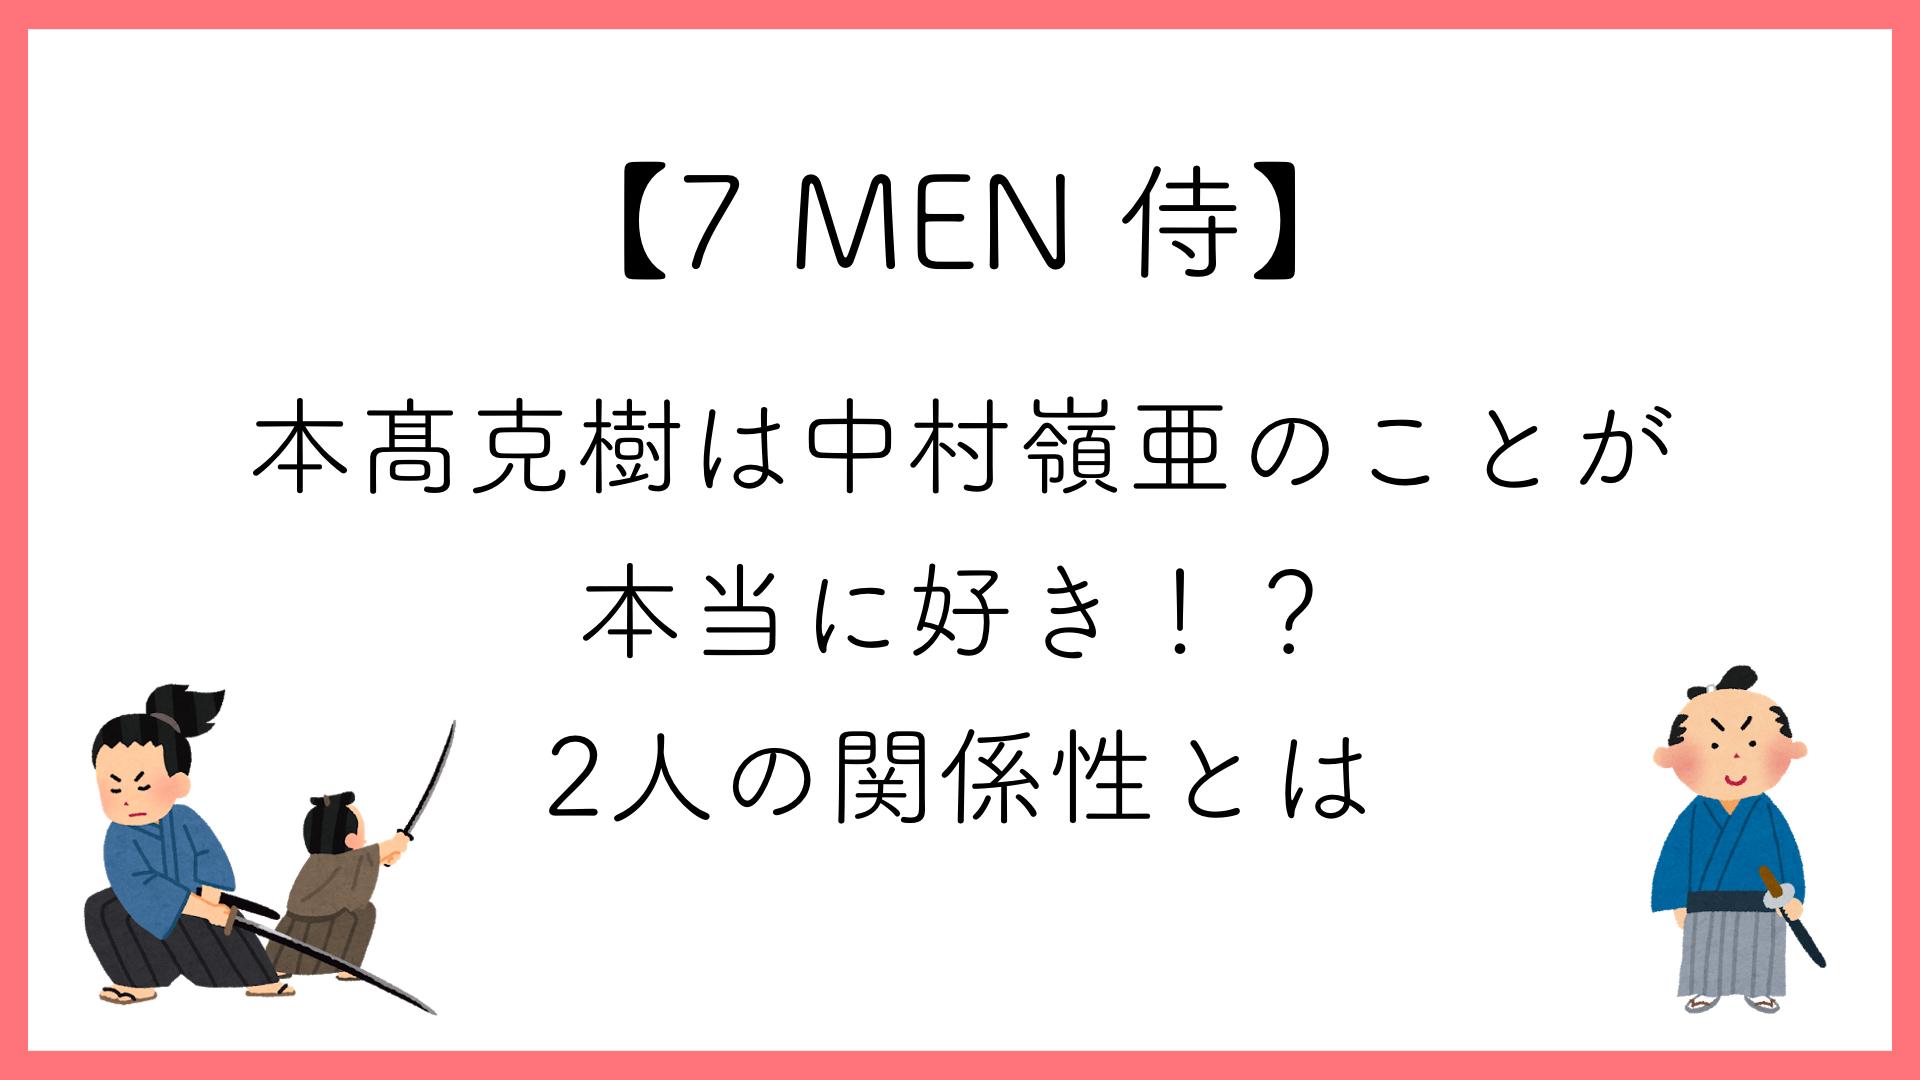 【7 MEN 侍】本髙克樹は中村嶺亜のことが本当に好き!?2人の関係性とは